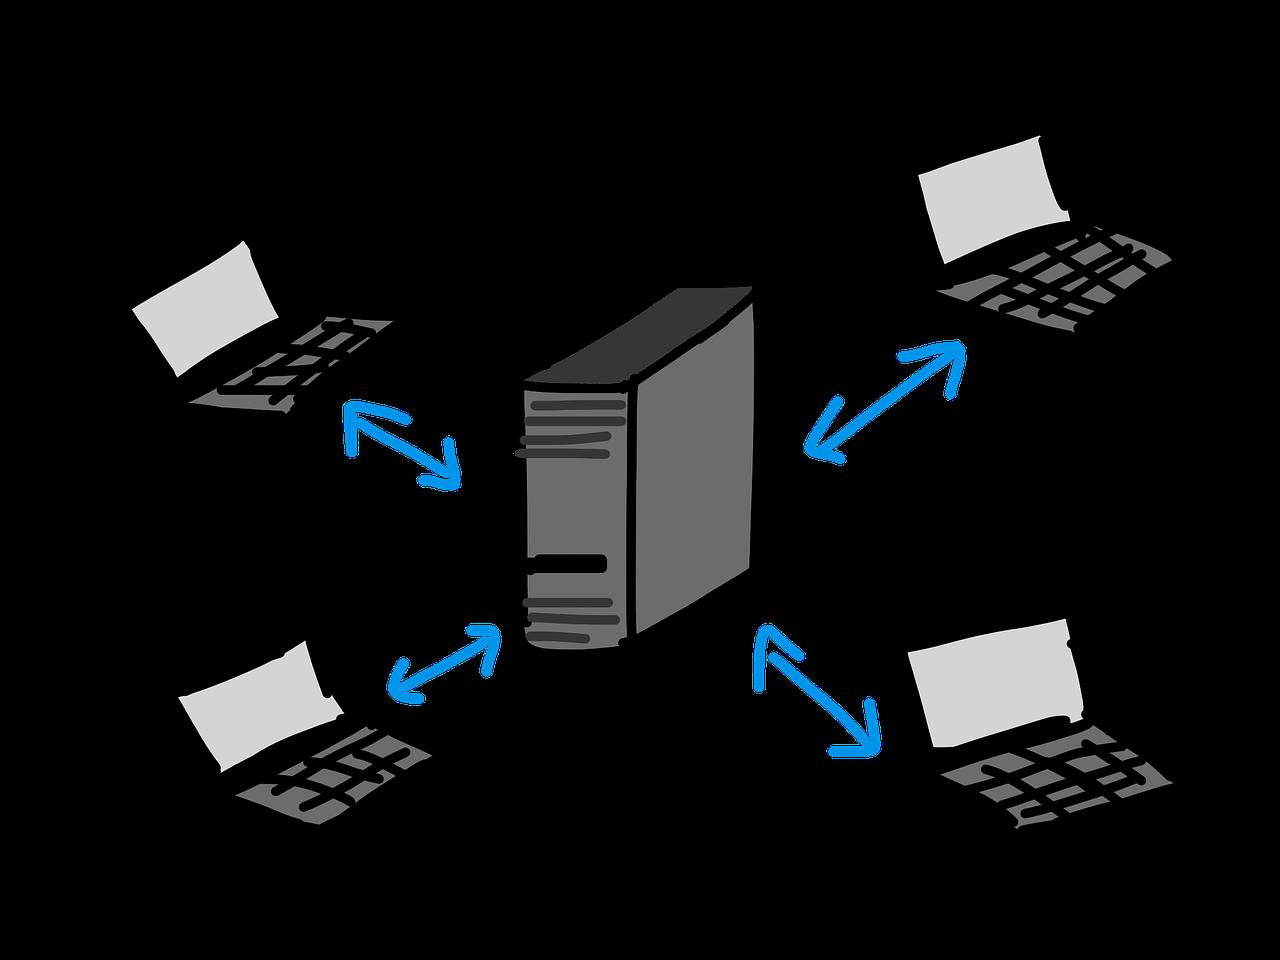 FileZilla インストール mac FTP クライアント ツール